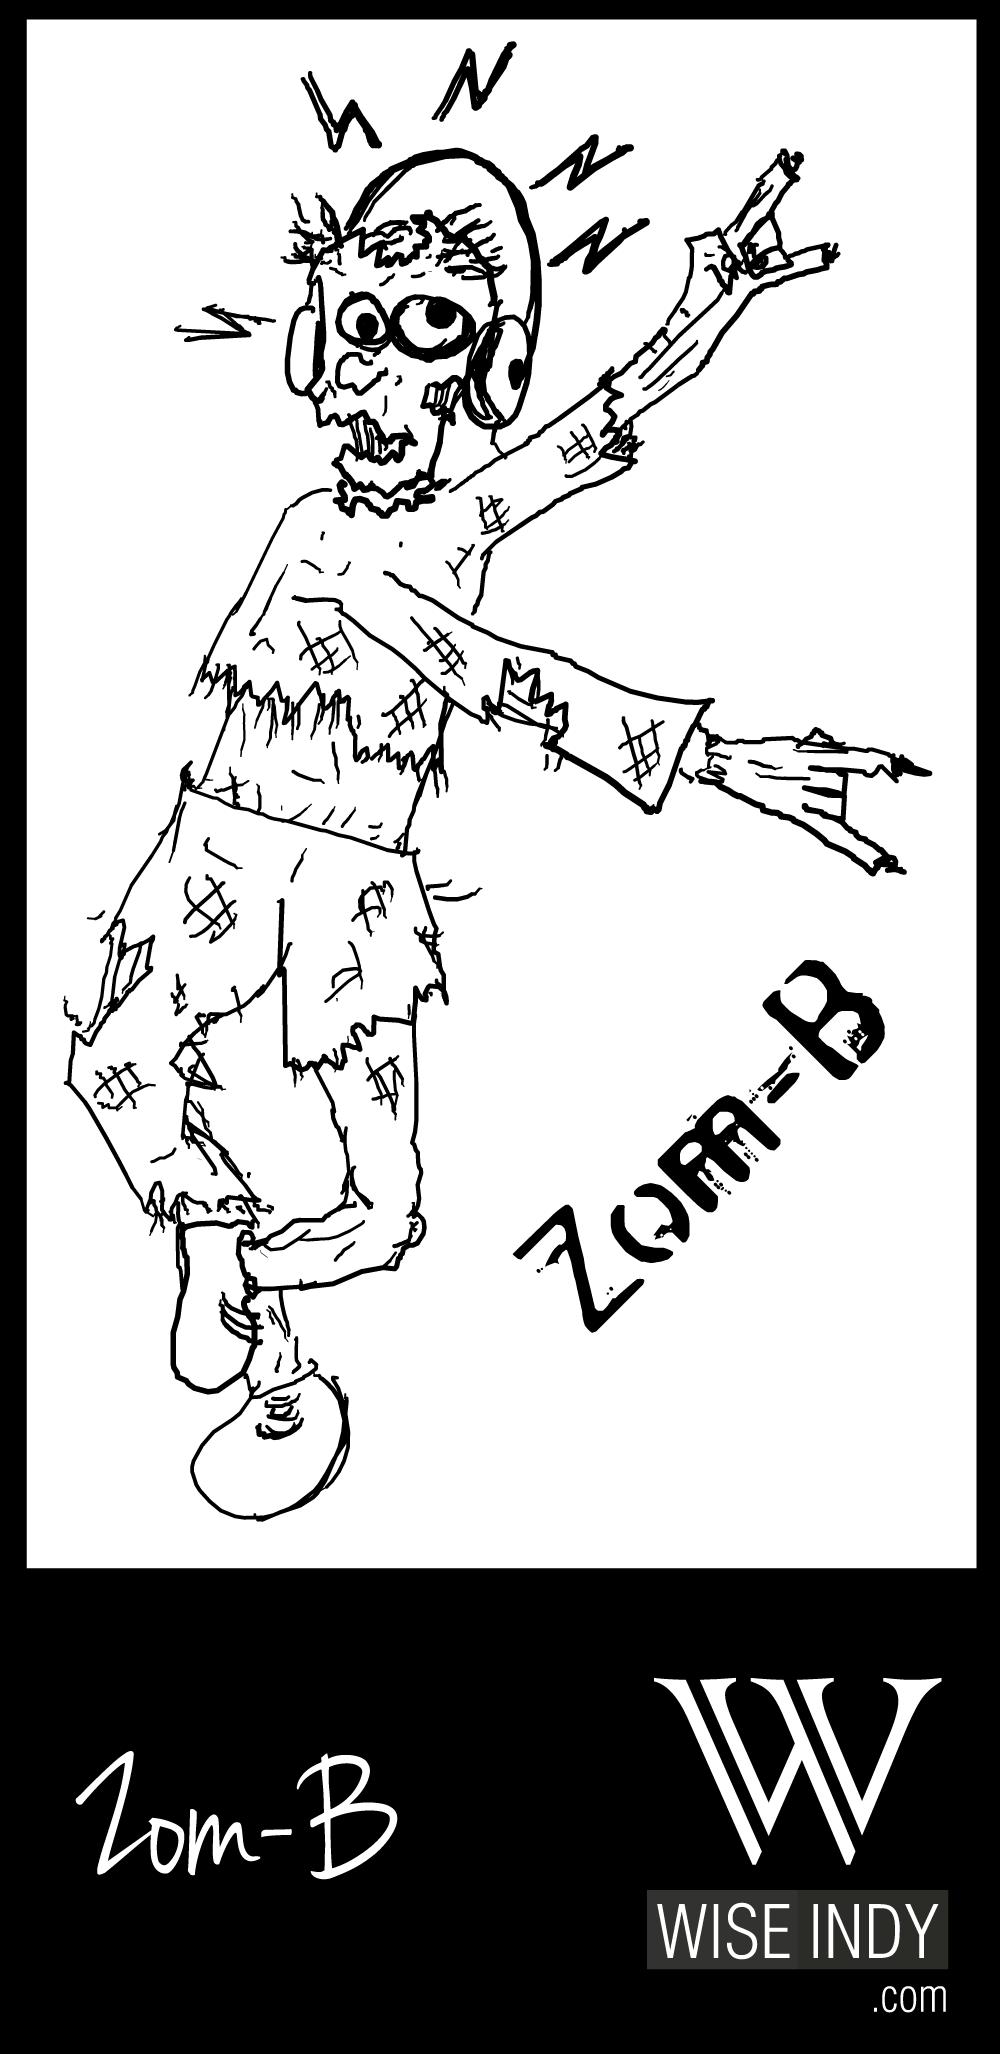 Zom-B